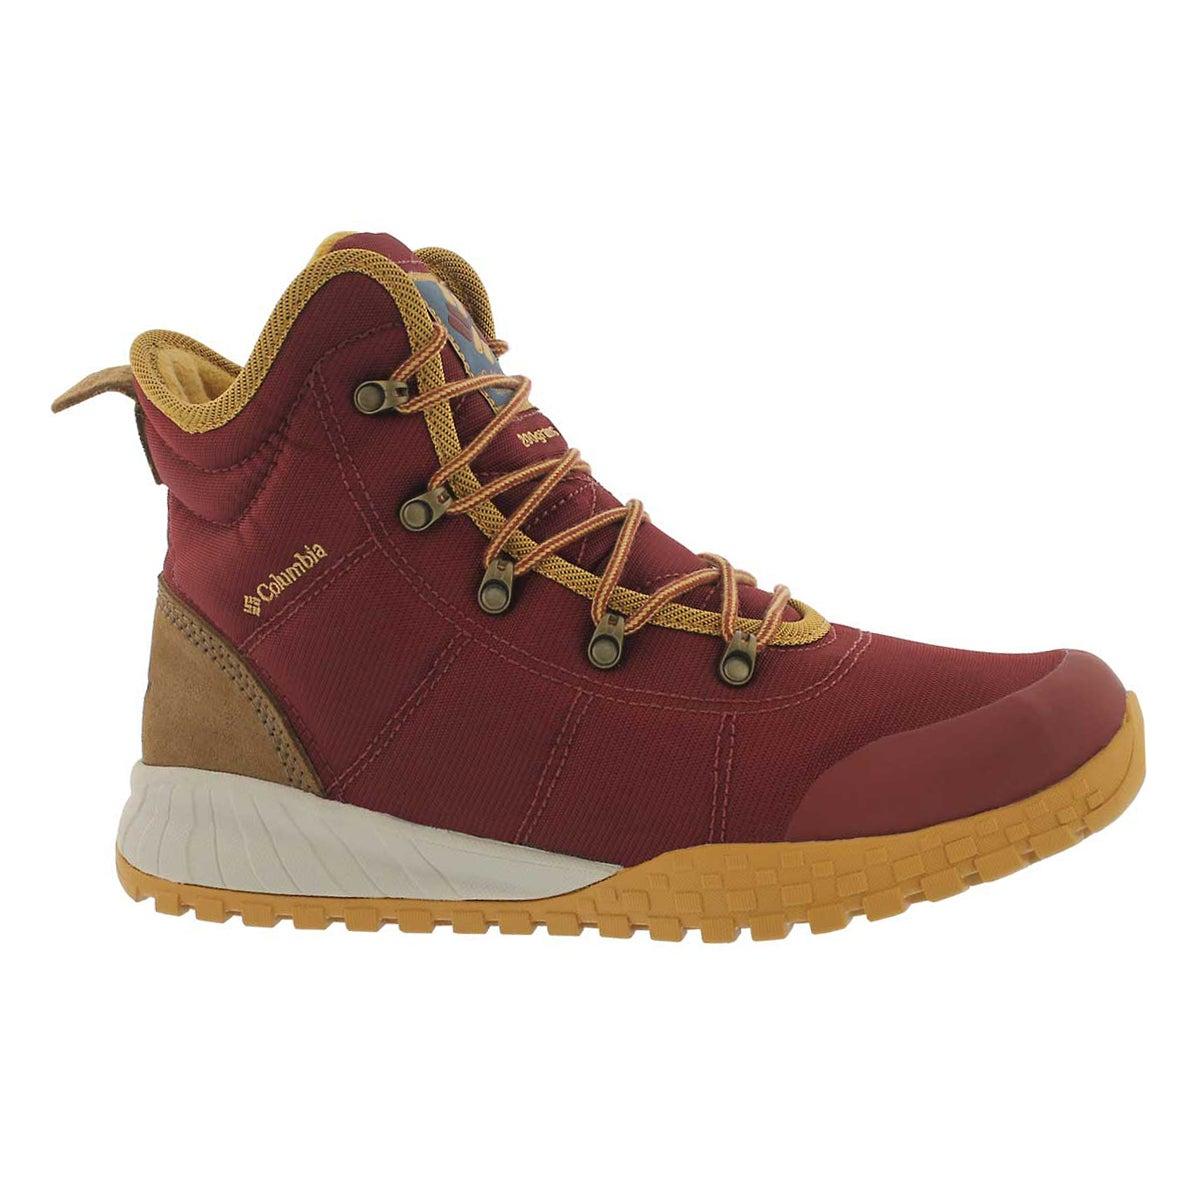 Men's FAIRBANKS OmniHeat rust waterproof boots